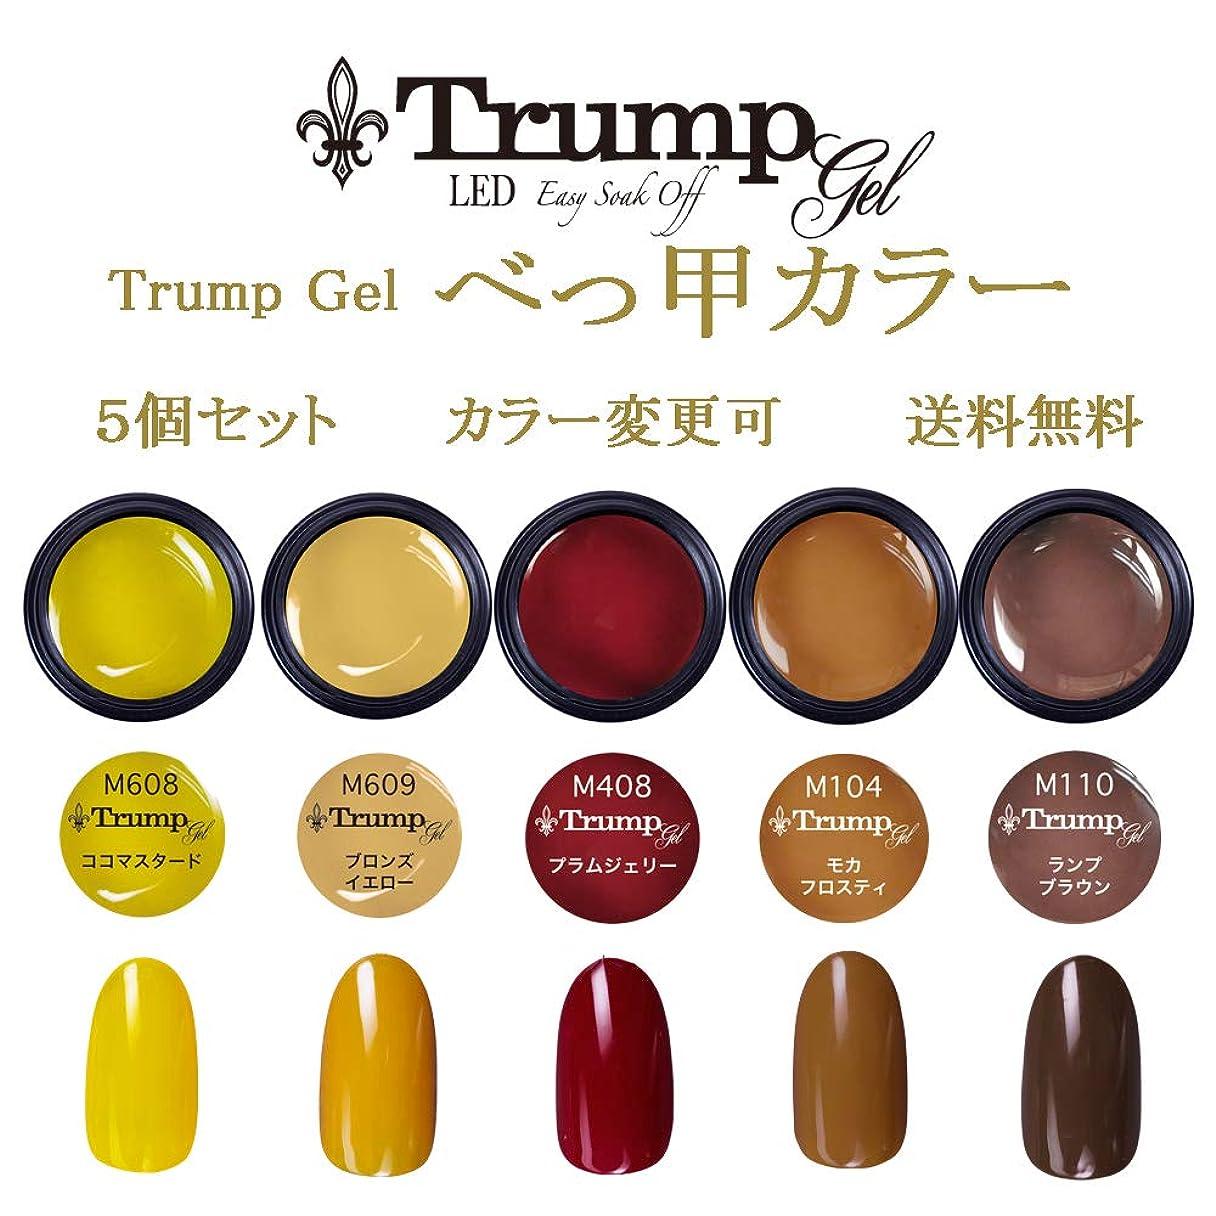 暴動最大限壊す日本製 Trump gel トランプジェル べっ甲 ネイルカラー 選べる カラージェル 5個セット イエロー ブラウン ワイン べっこう